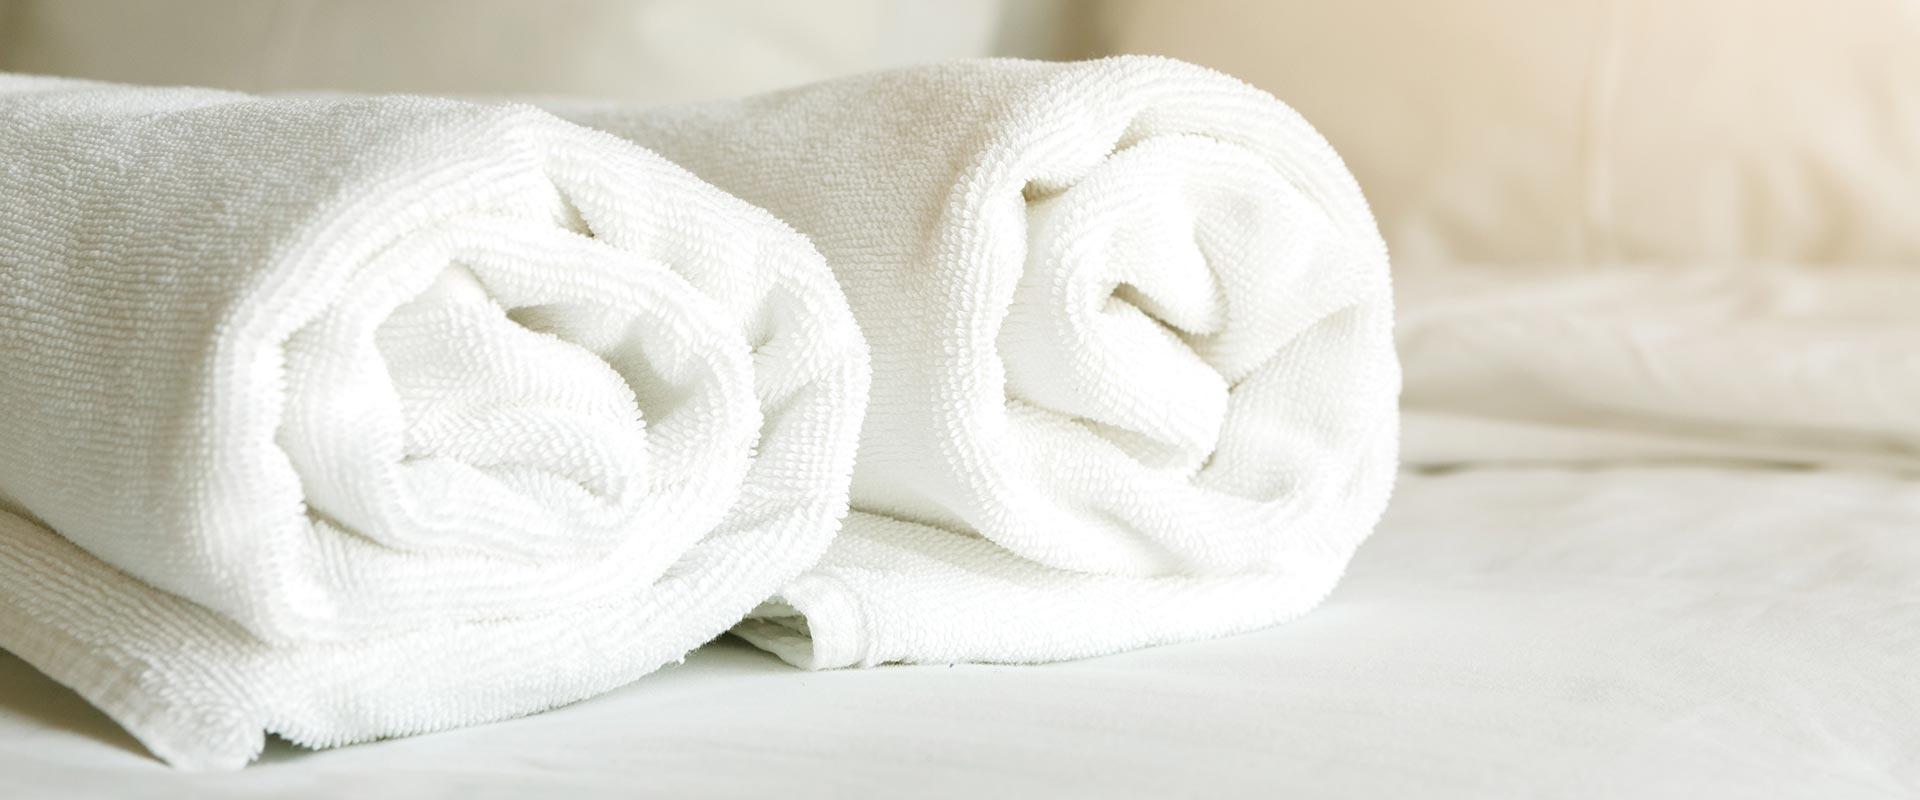 biancheria e lavanderia alberghiera